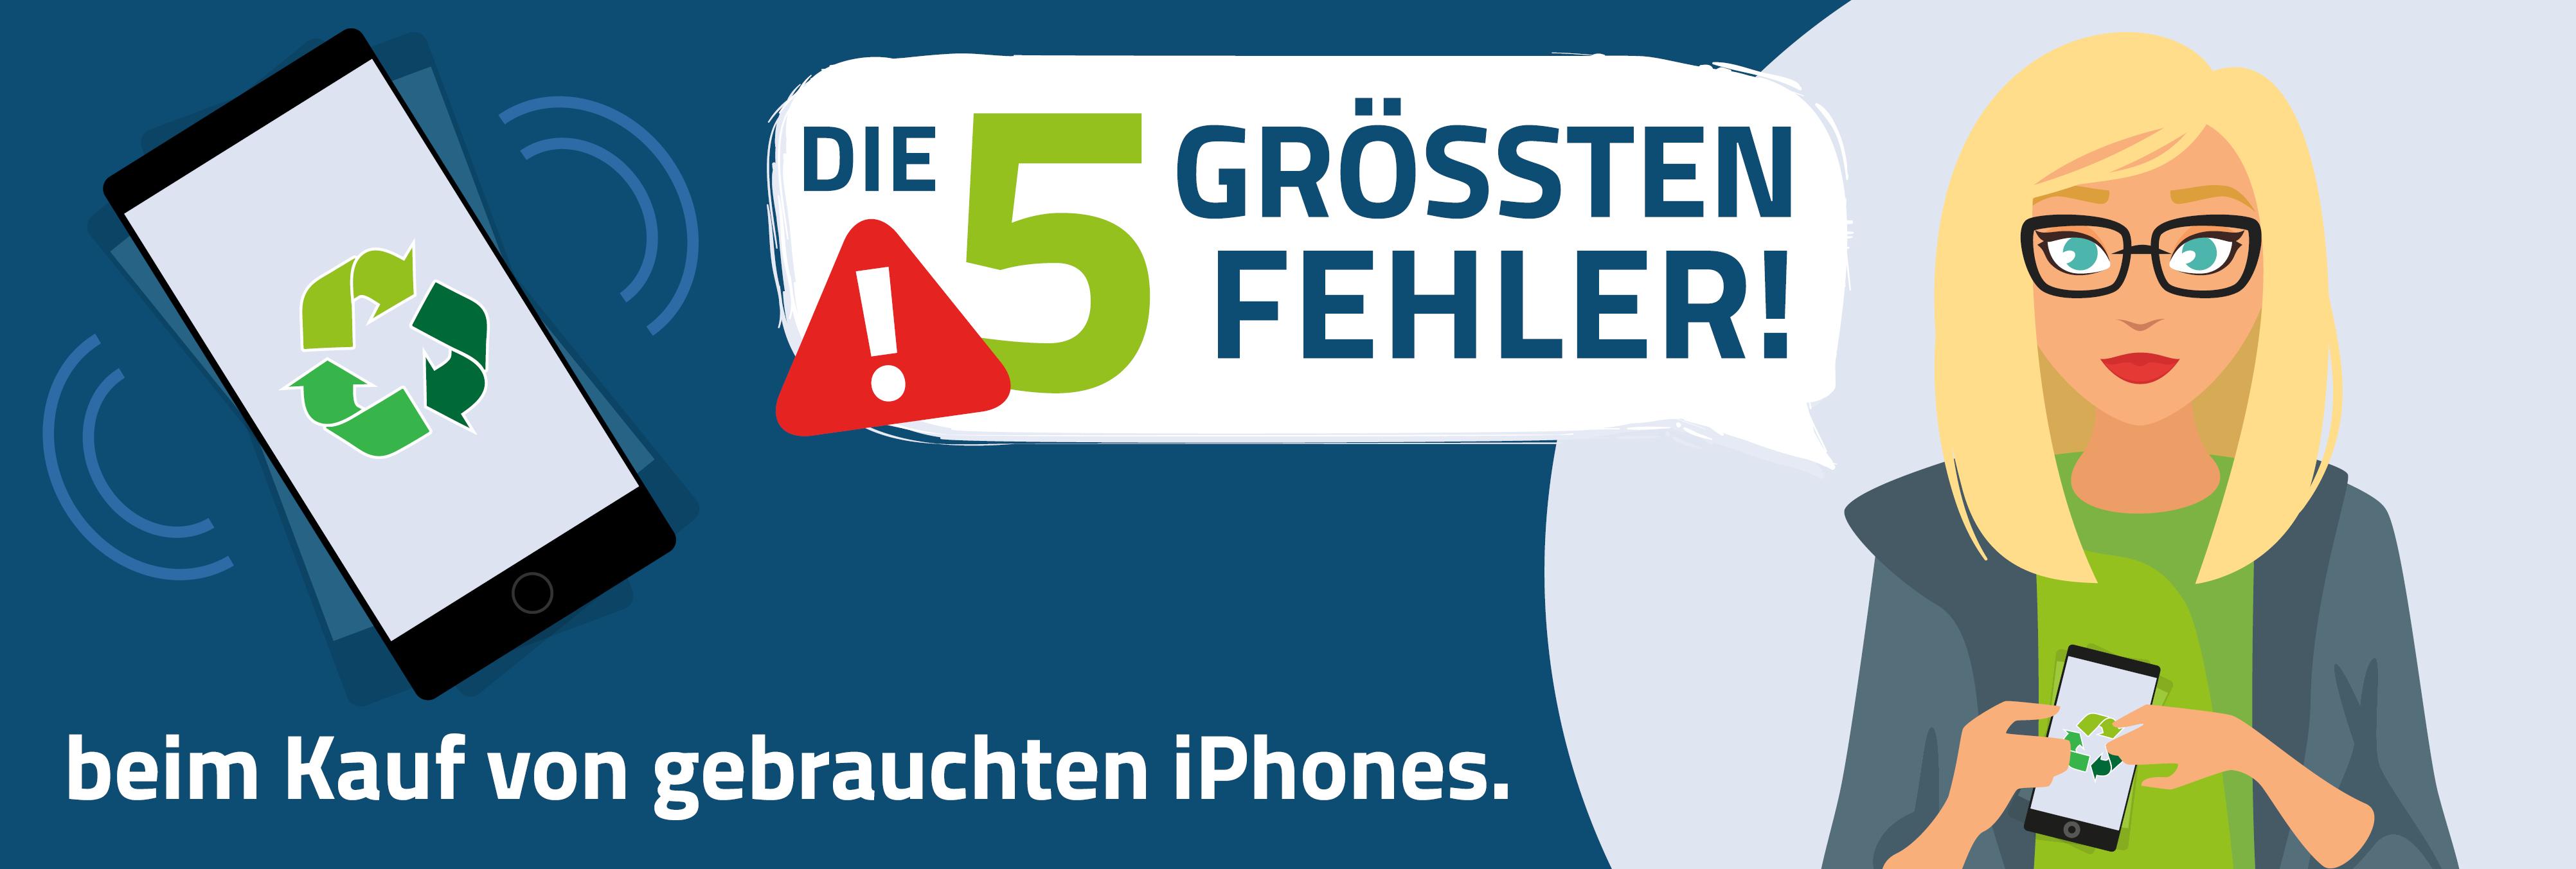 Die 5 größten Fehler, beim Kauf von gebrauchten iPhones.